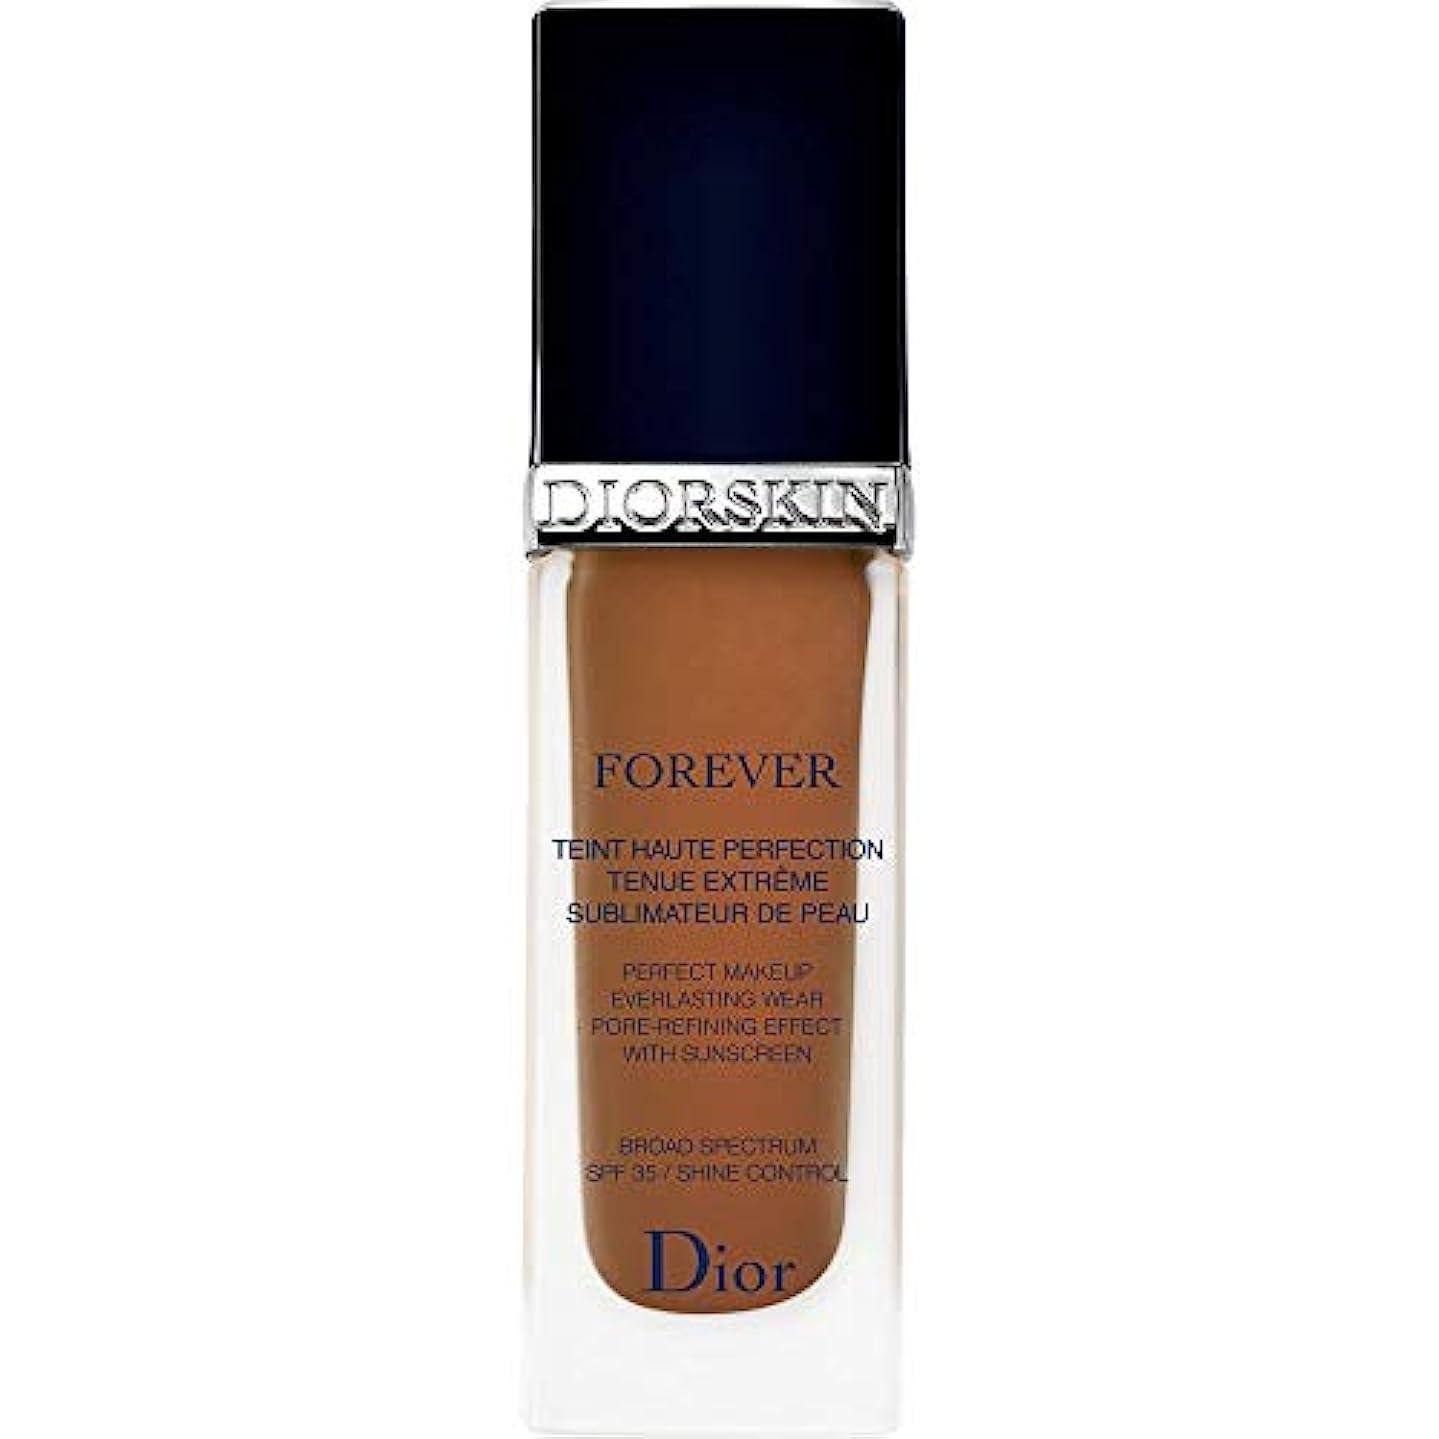 できれば逃す唯物論[Dior ] ディオールディオールスキン永遠基礎Spf35 30ミリリットル070 - ダークブラウン - DIOR Diorskin Forever Foundation SPF35 30ml 070 - Dark...